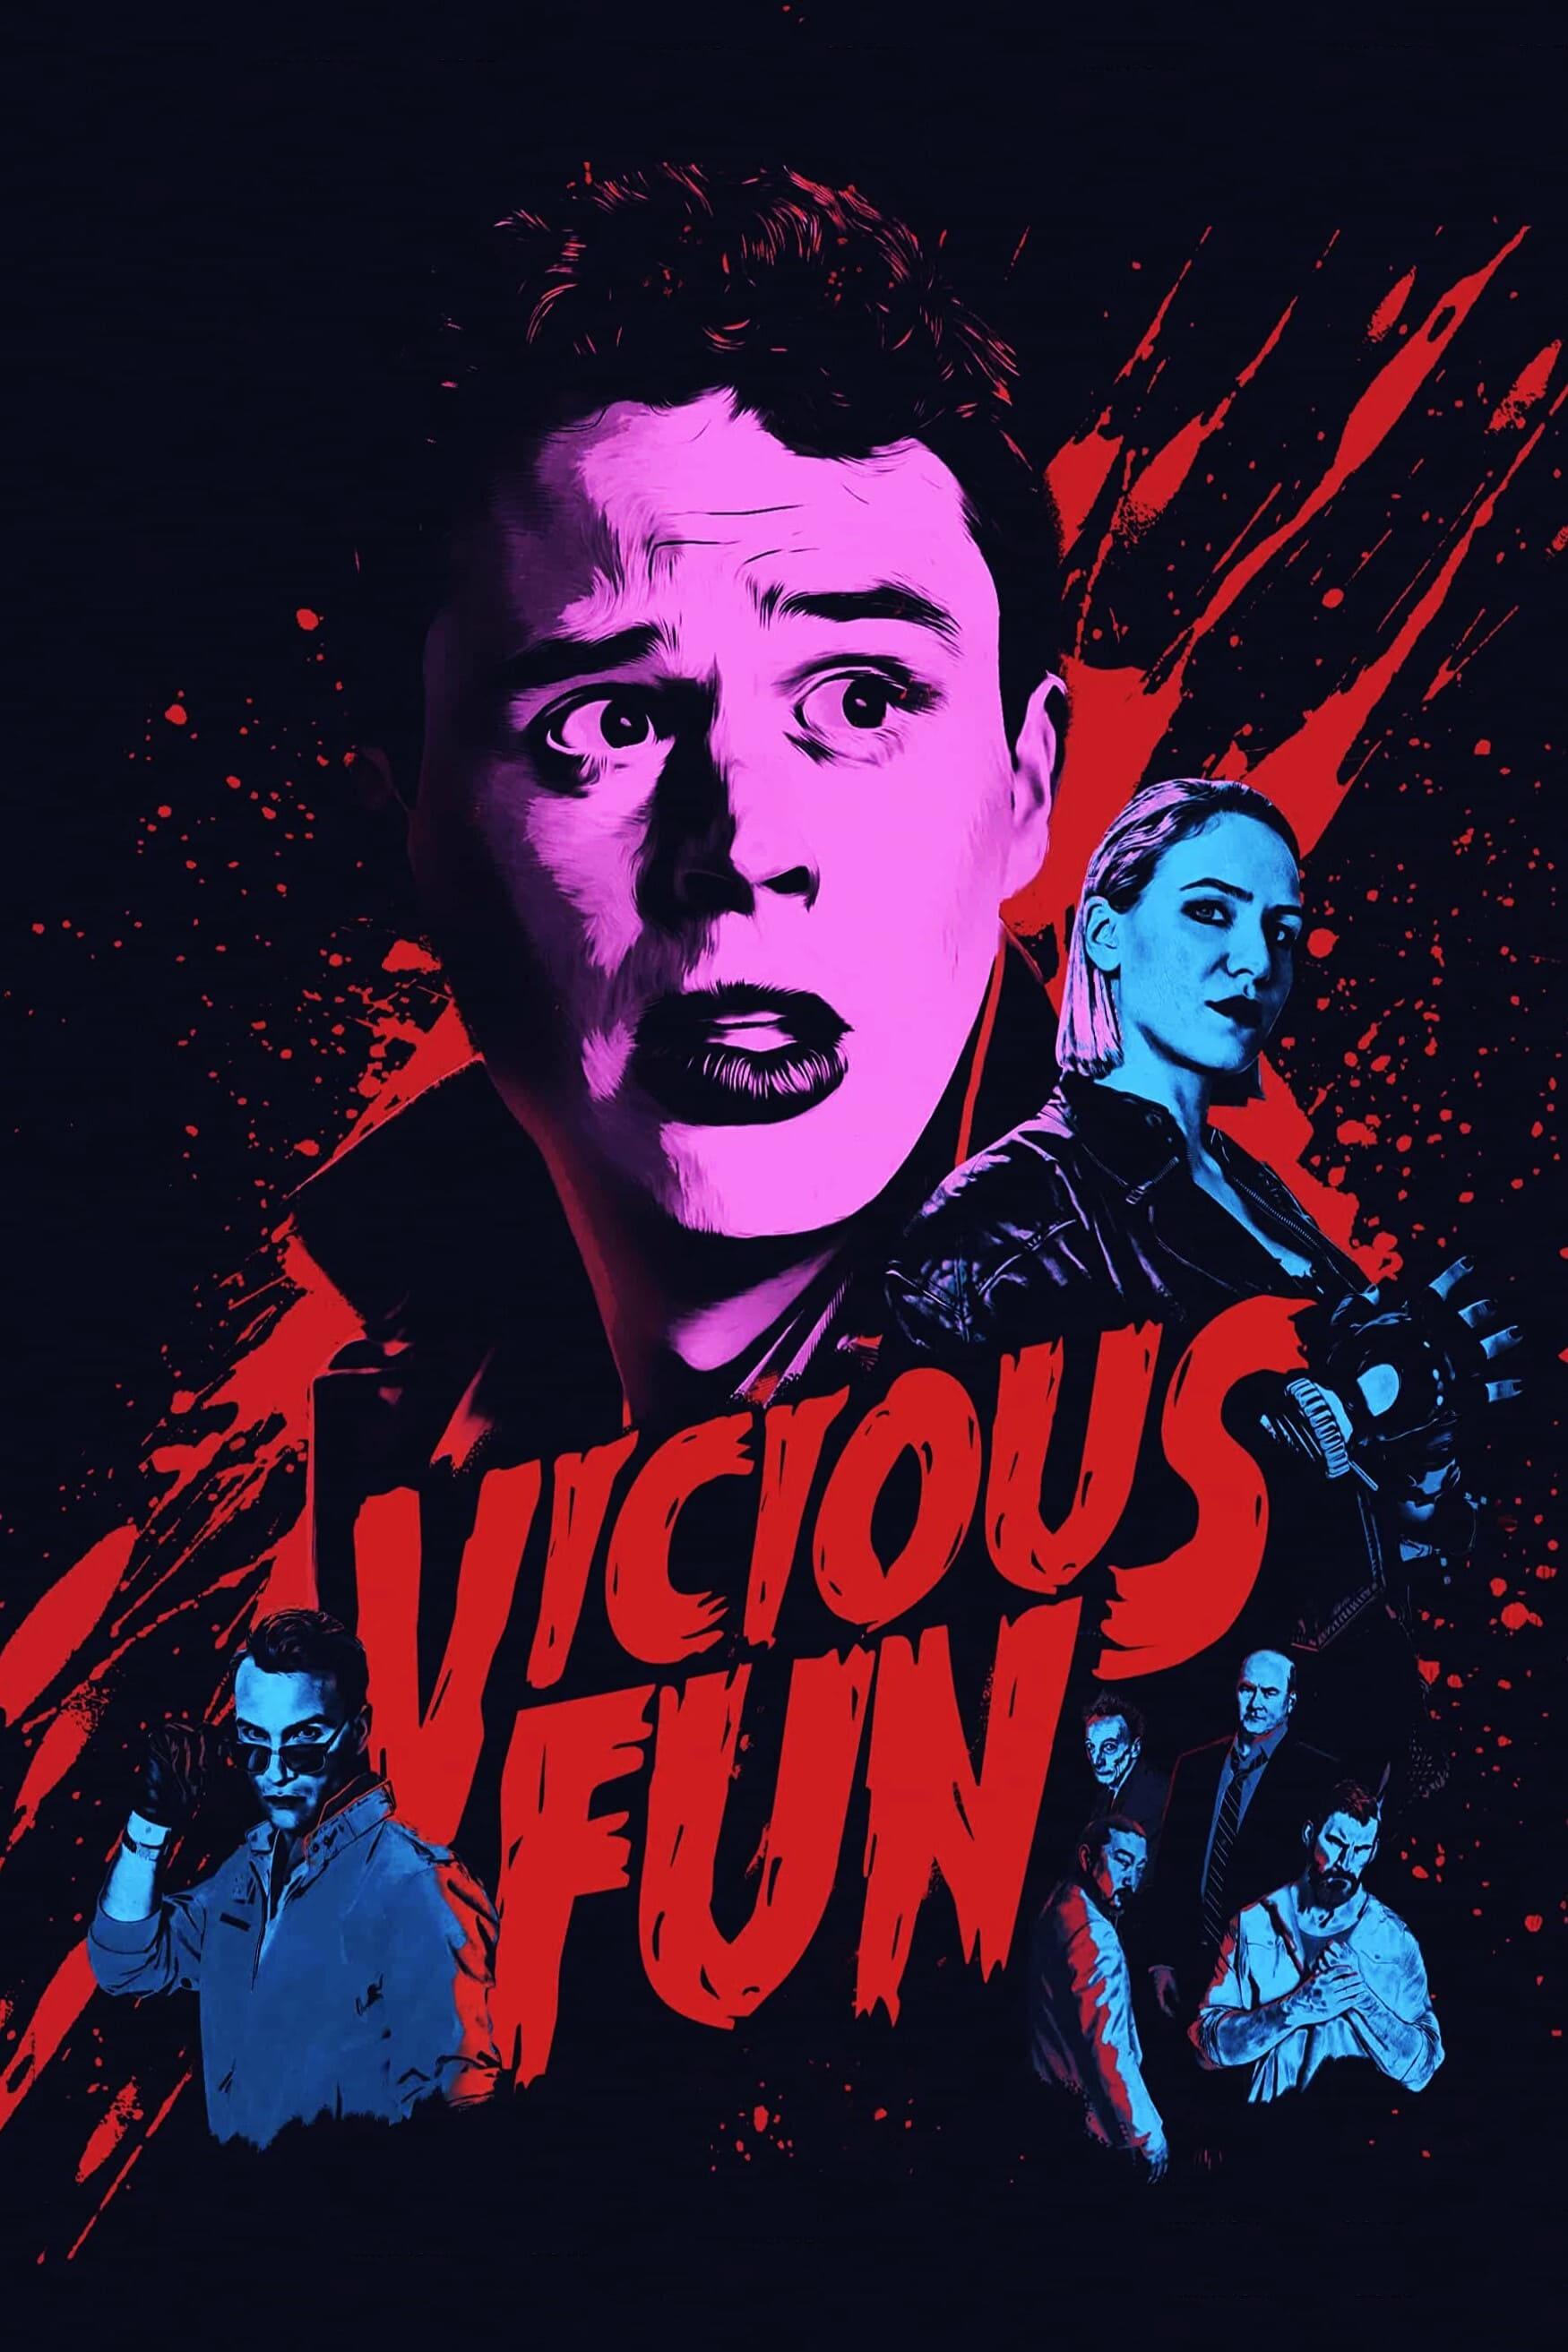 Vicious Fun poster